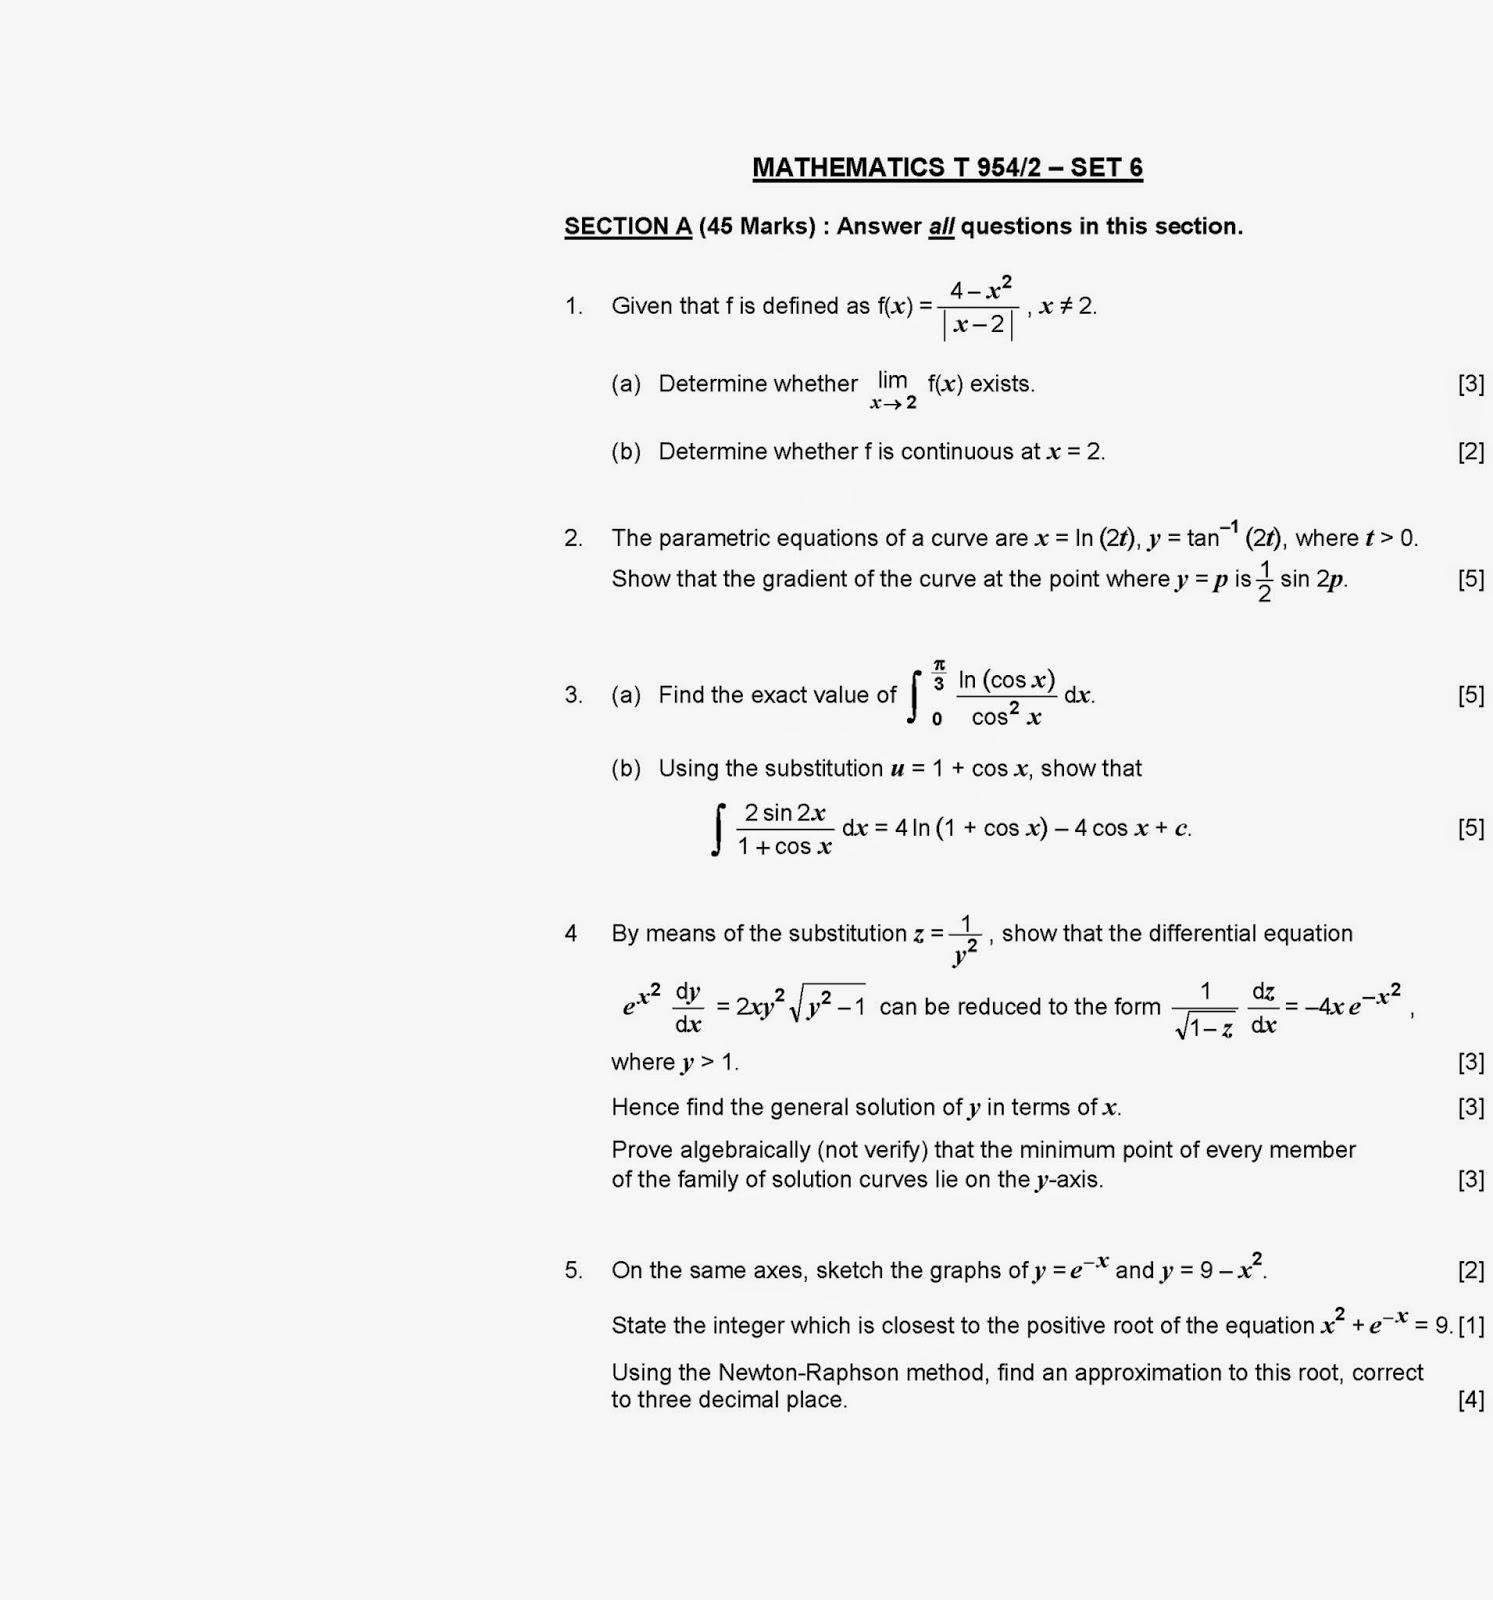 stpm 2012 kedah maths t trial Matematik (t) k2 trial stpm 2012 kelantan posted on: october 20th, 2012 by bankstpm peperiksaan percubaan spm tahun 2012 kedah matematik (t) kertas 2  muat turun .